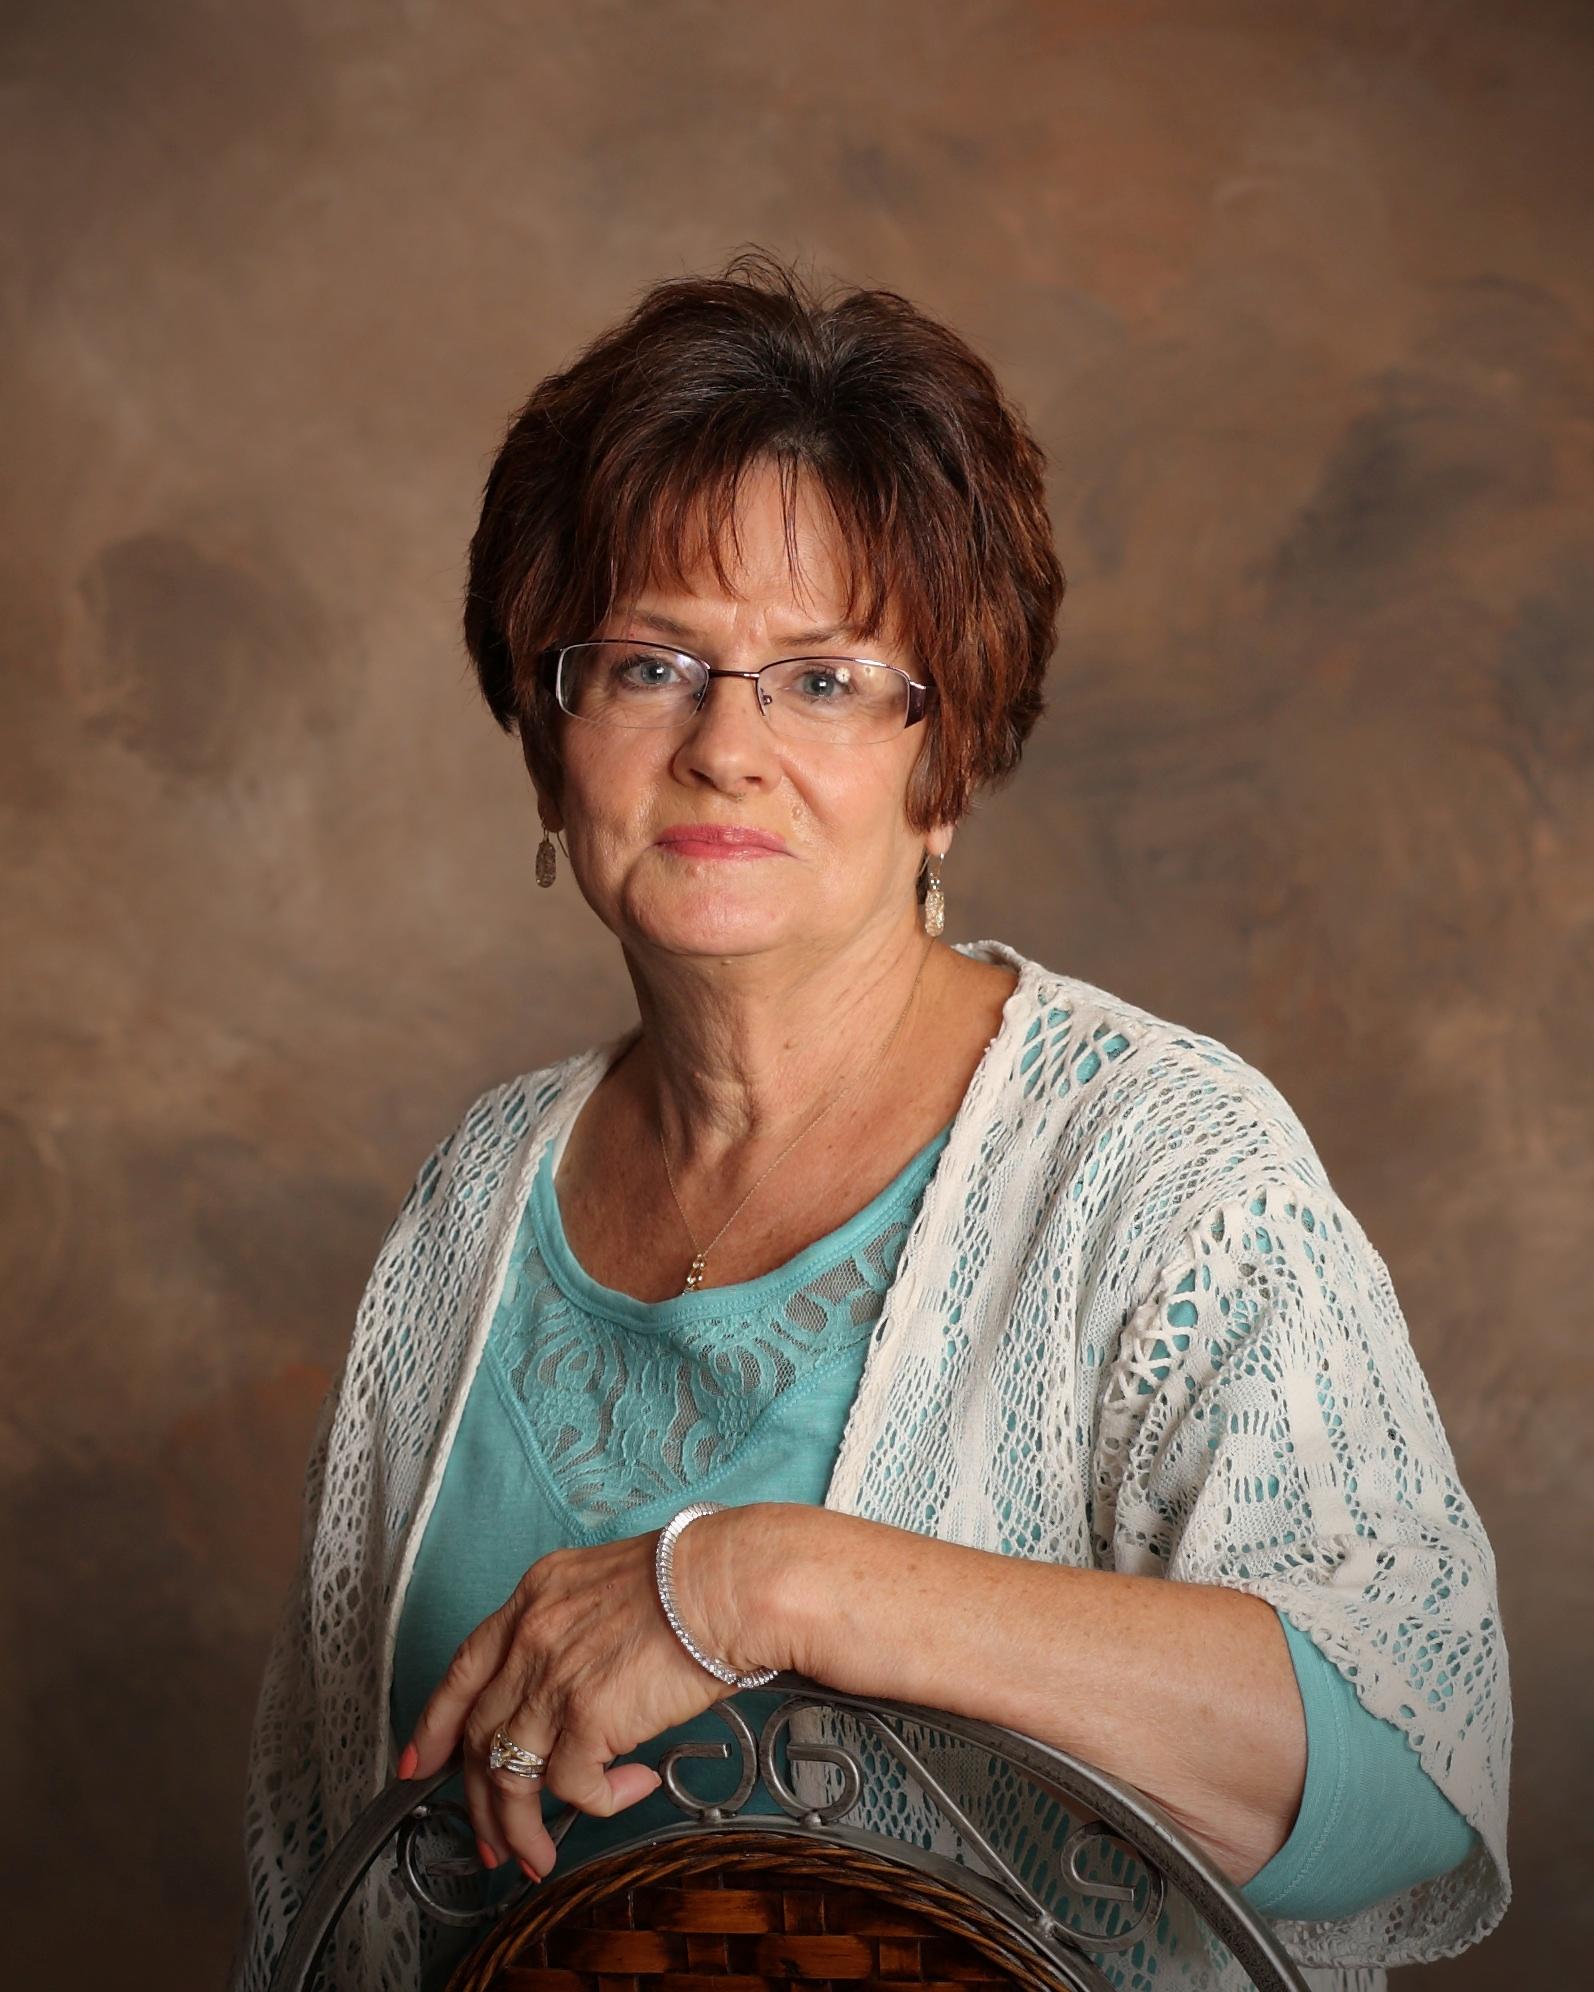 Marjorie Kay Stuemke